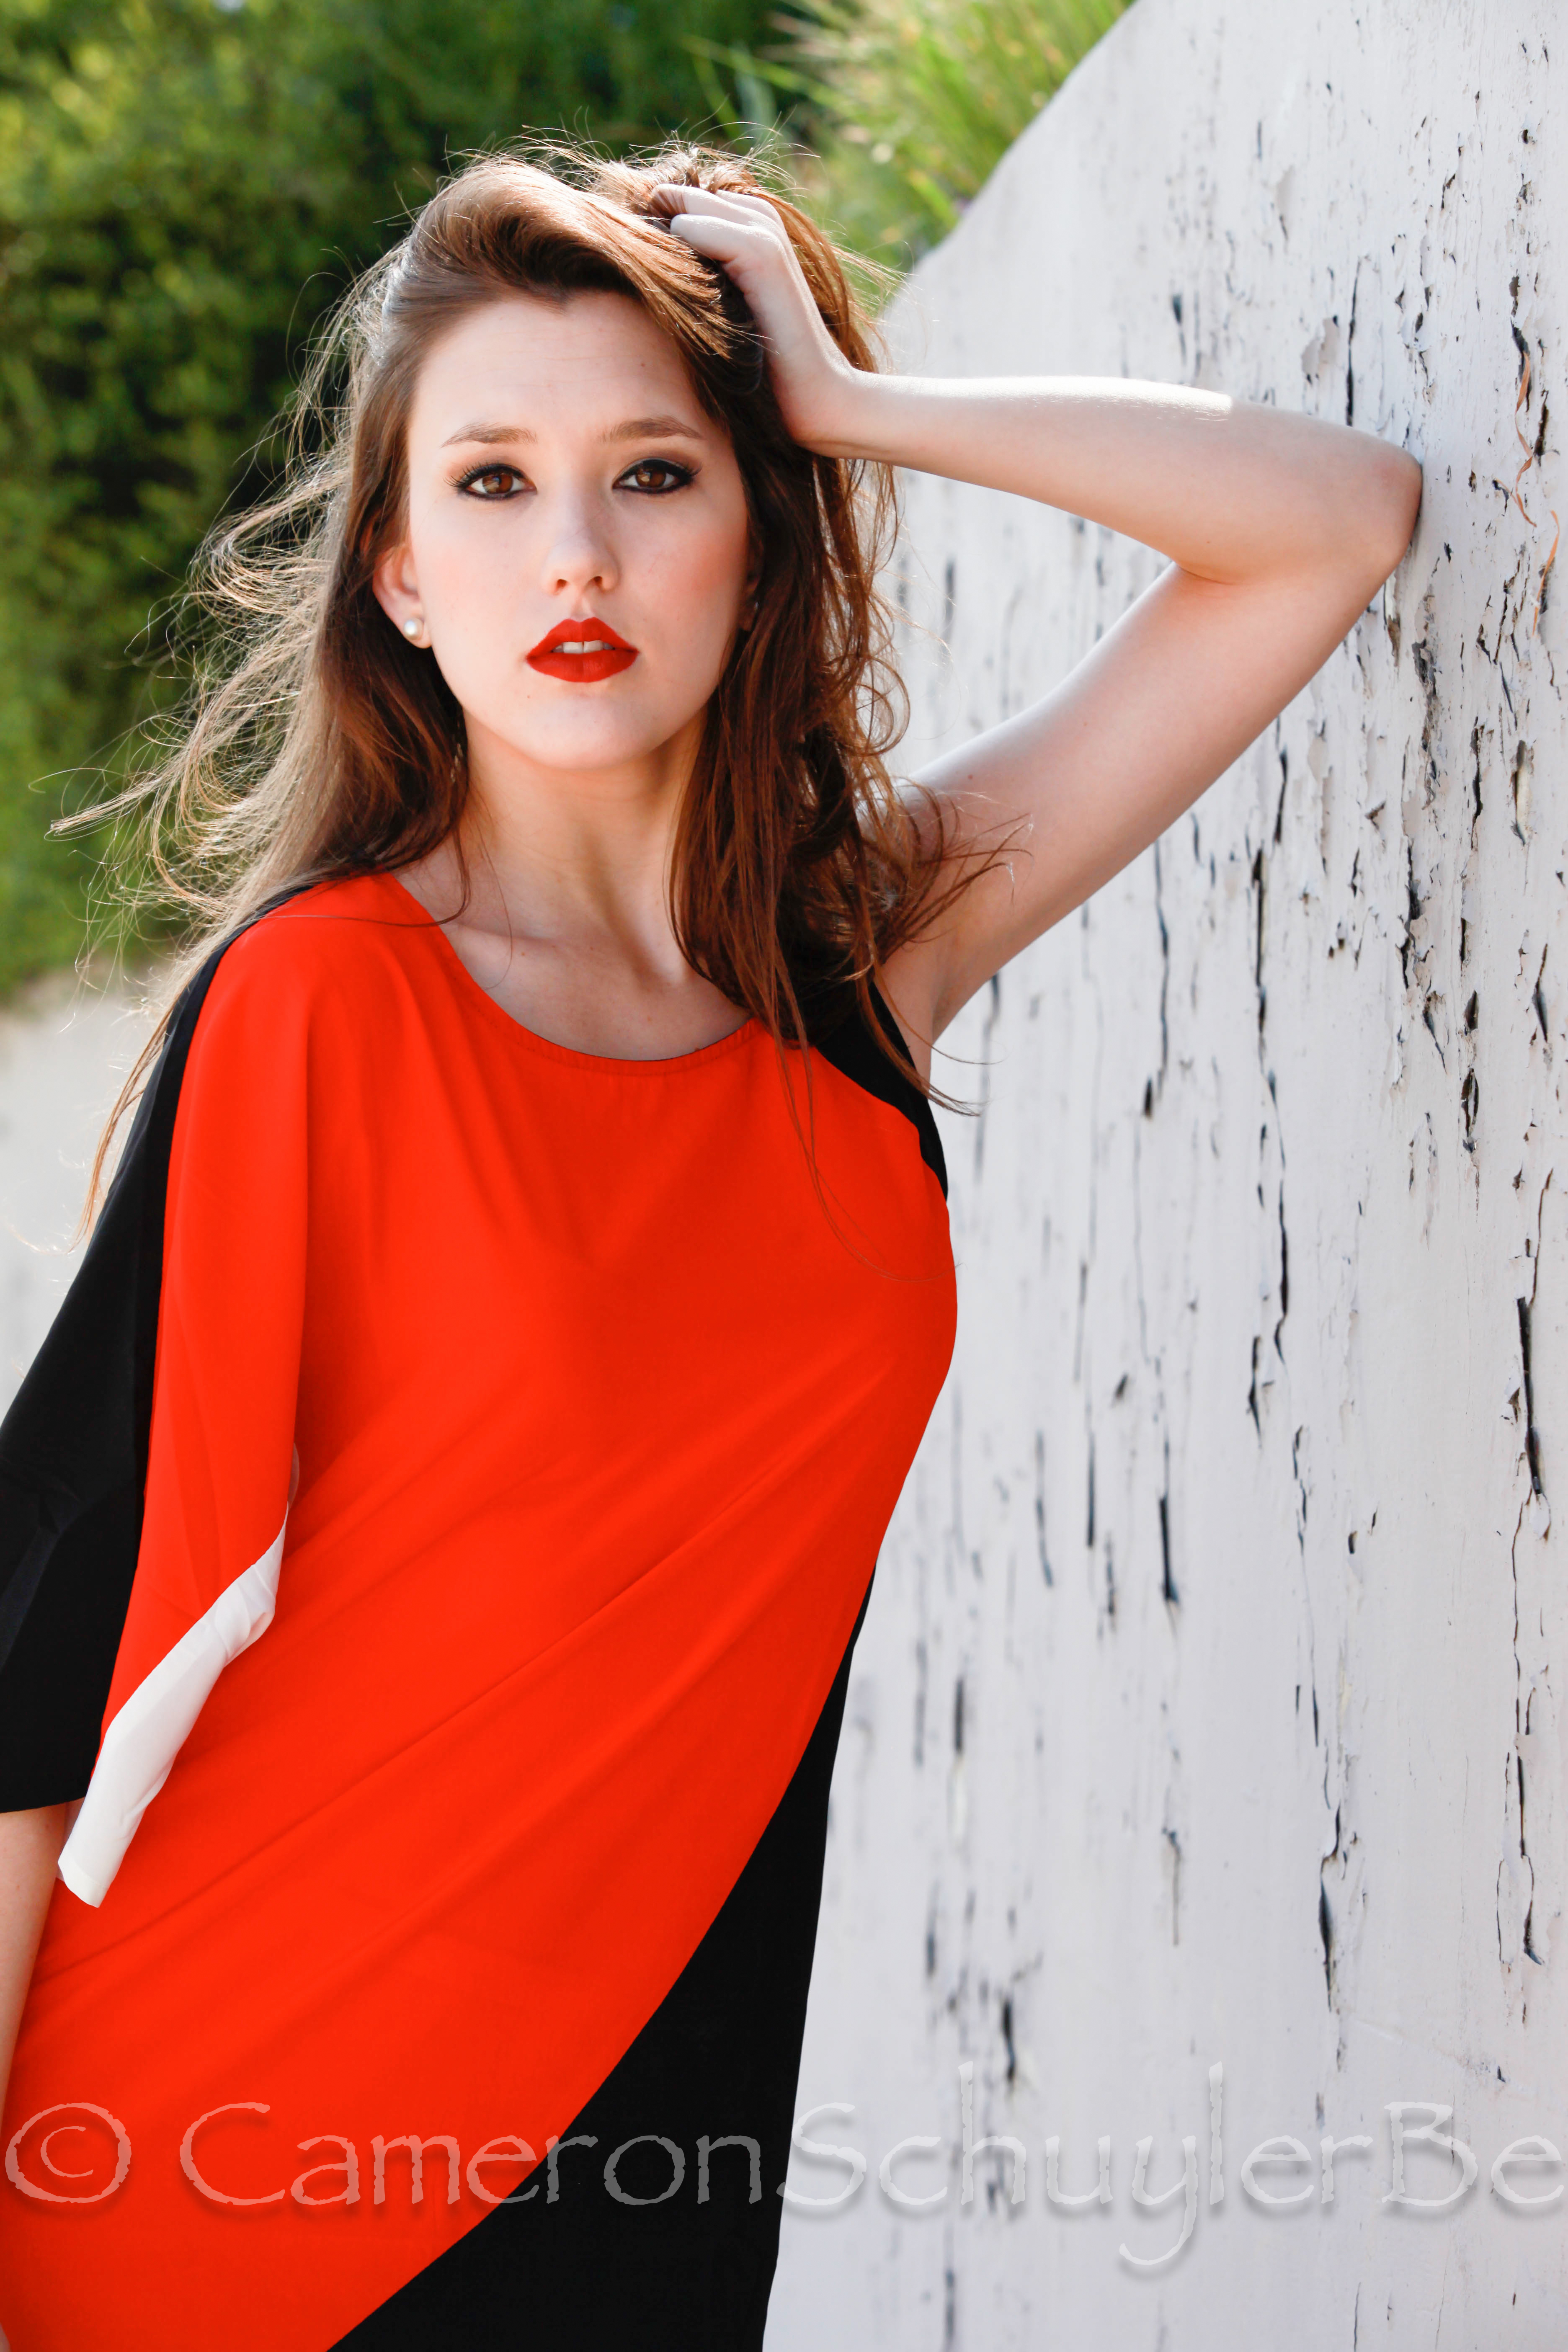 Allyssa Bross